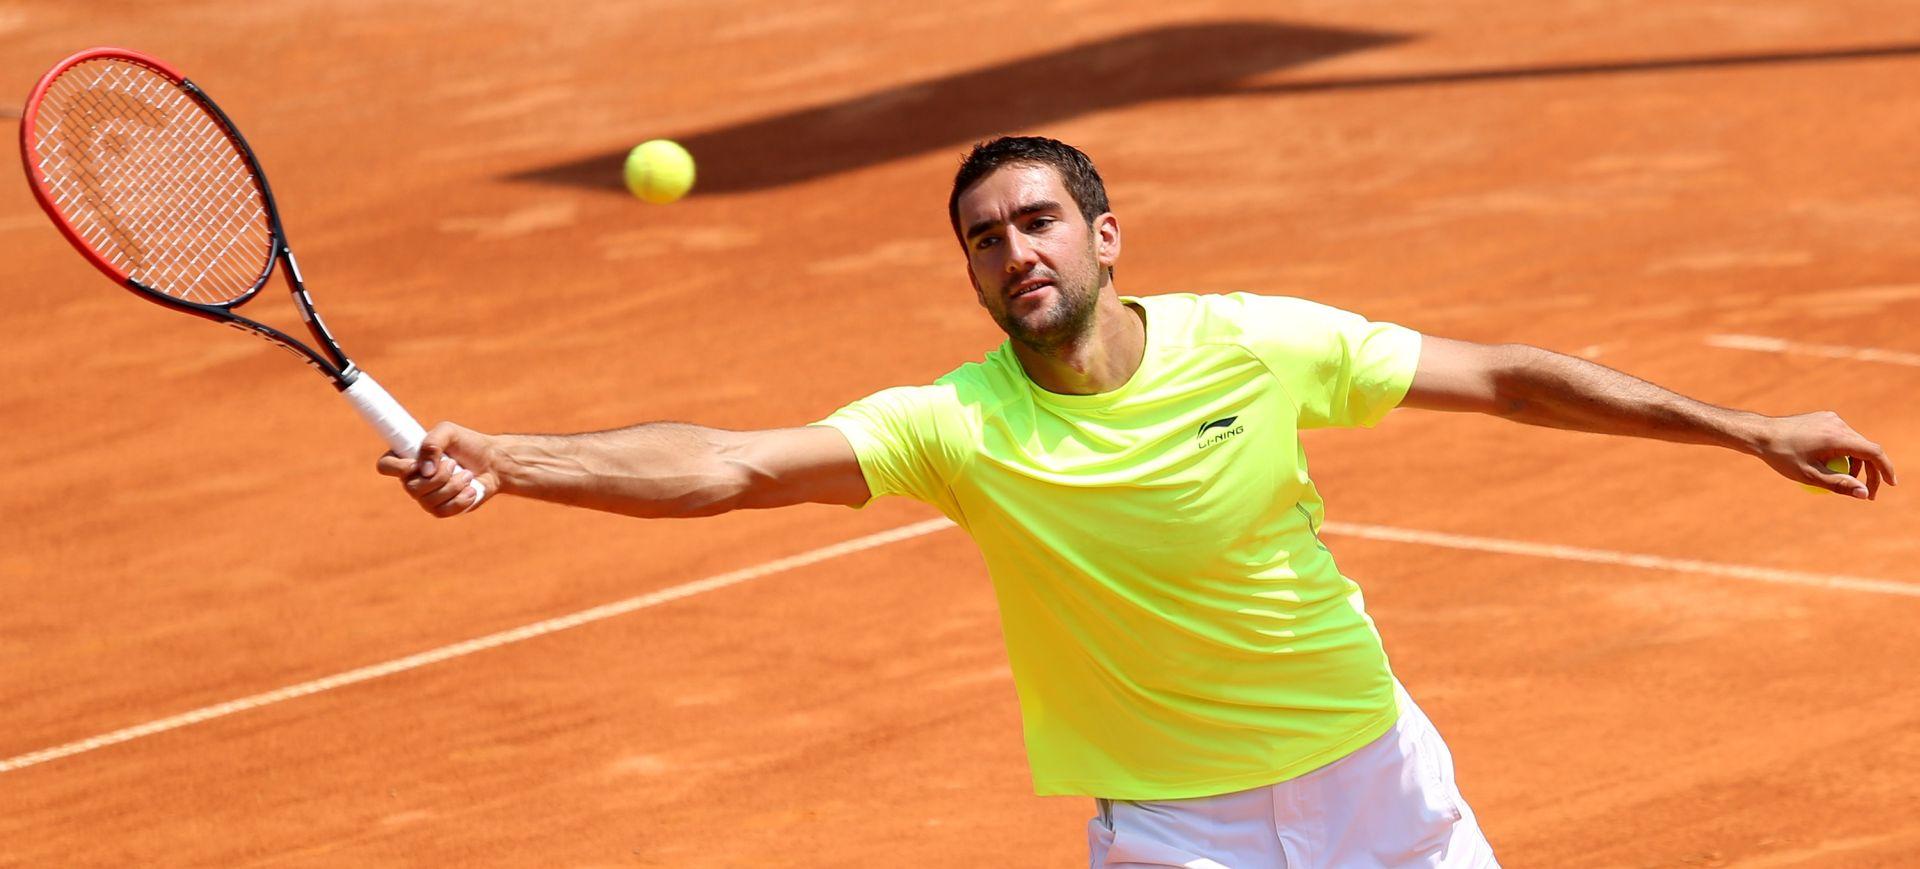 ATP ŽENEVA Čilić izborio polufinale, gdje ga čeka Ferrer